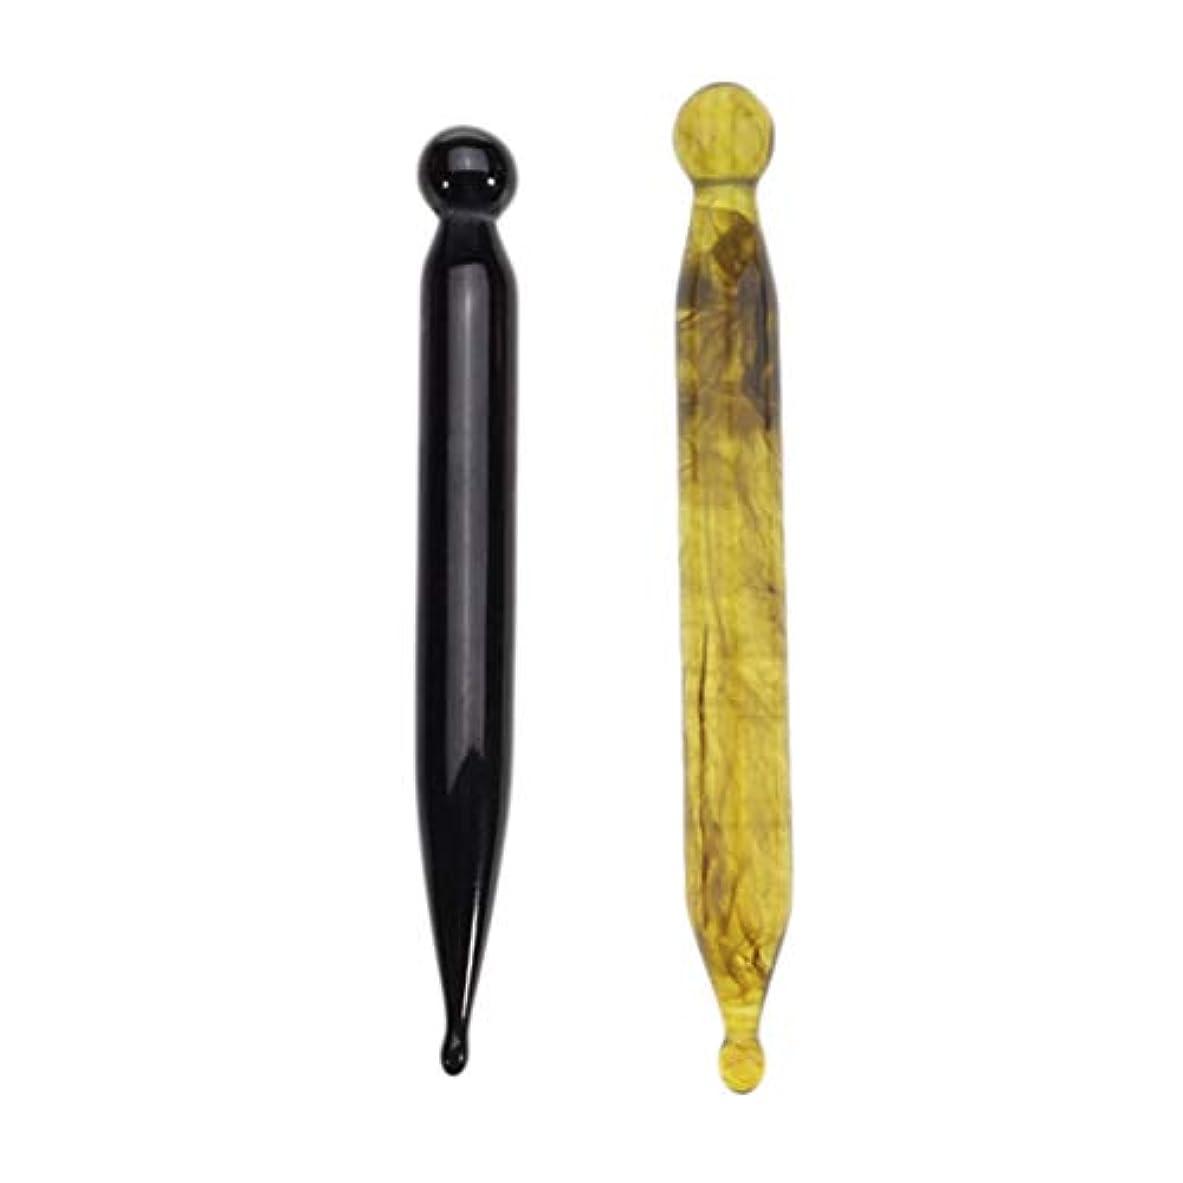 ミシン口径外交官dailymall 2本の伝統的なリフレクソロジーハンド&フットマッサージツール、樹脂ツボストーンスティック、グアシャスクレイピングマッサージャートリガーポイントマッサージ